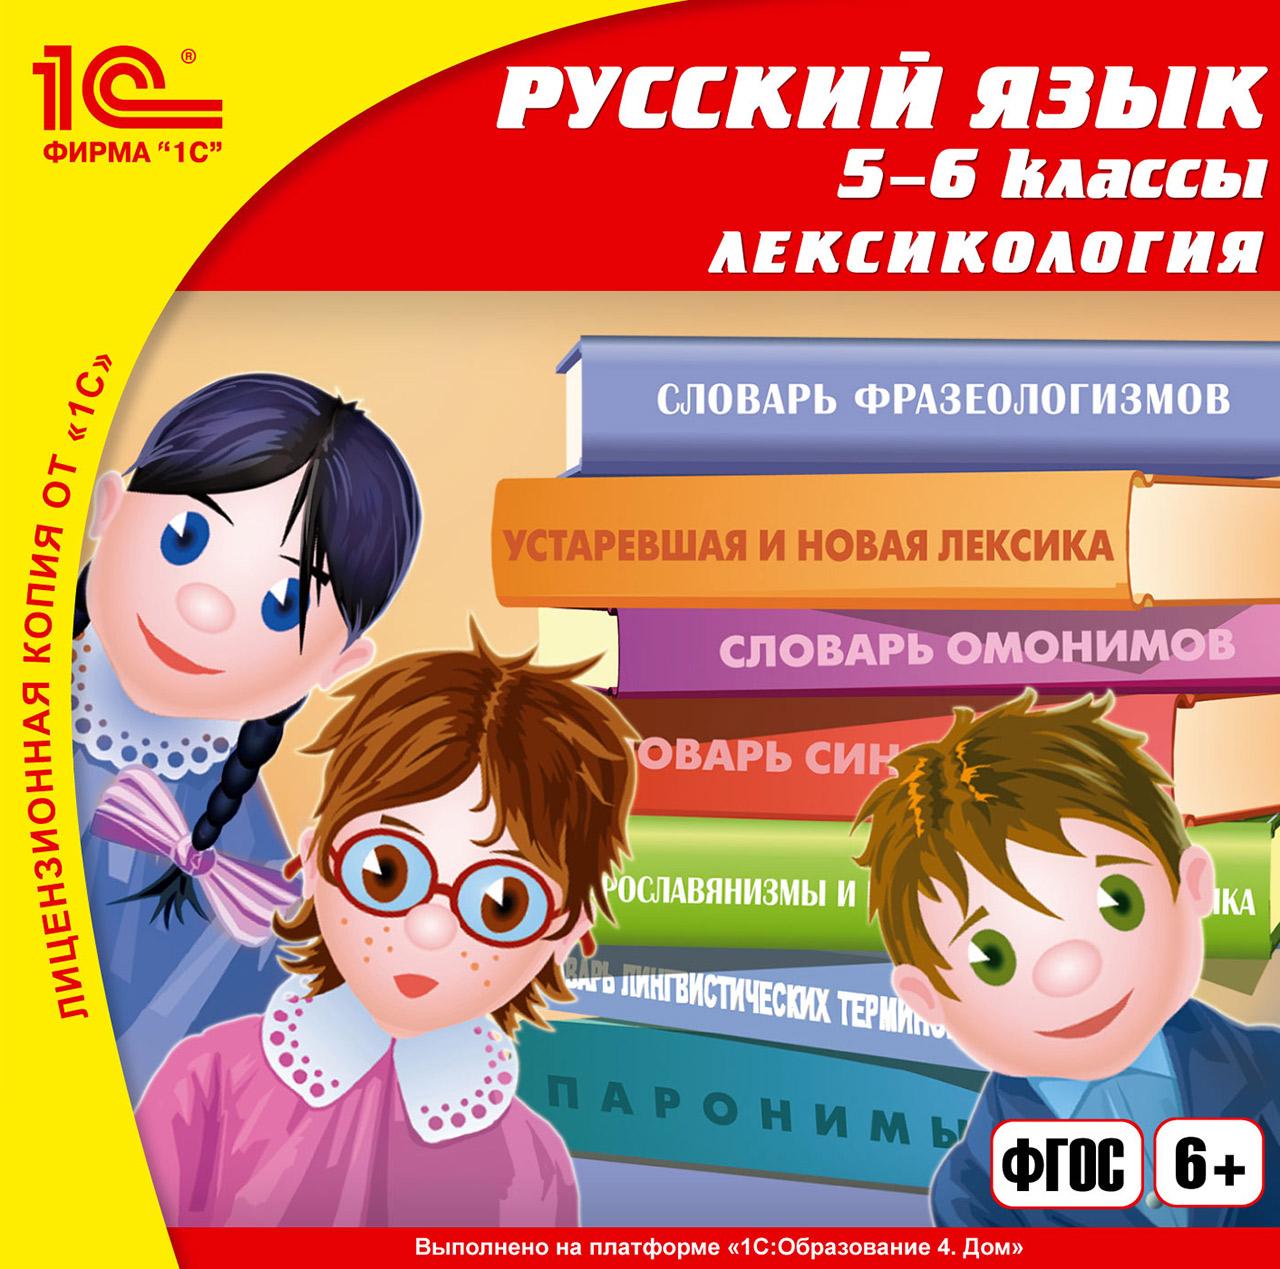 CD-ROM 1С:ШКОЛА РУССКИЙ ЯЗЫК 5-6 КЛАСС МОРФОЛОГИЯ СКАЧАТЬ БЕСПЛАТНО